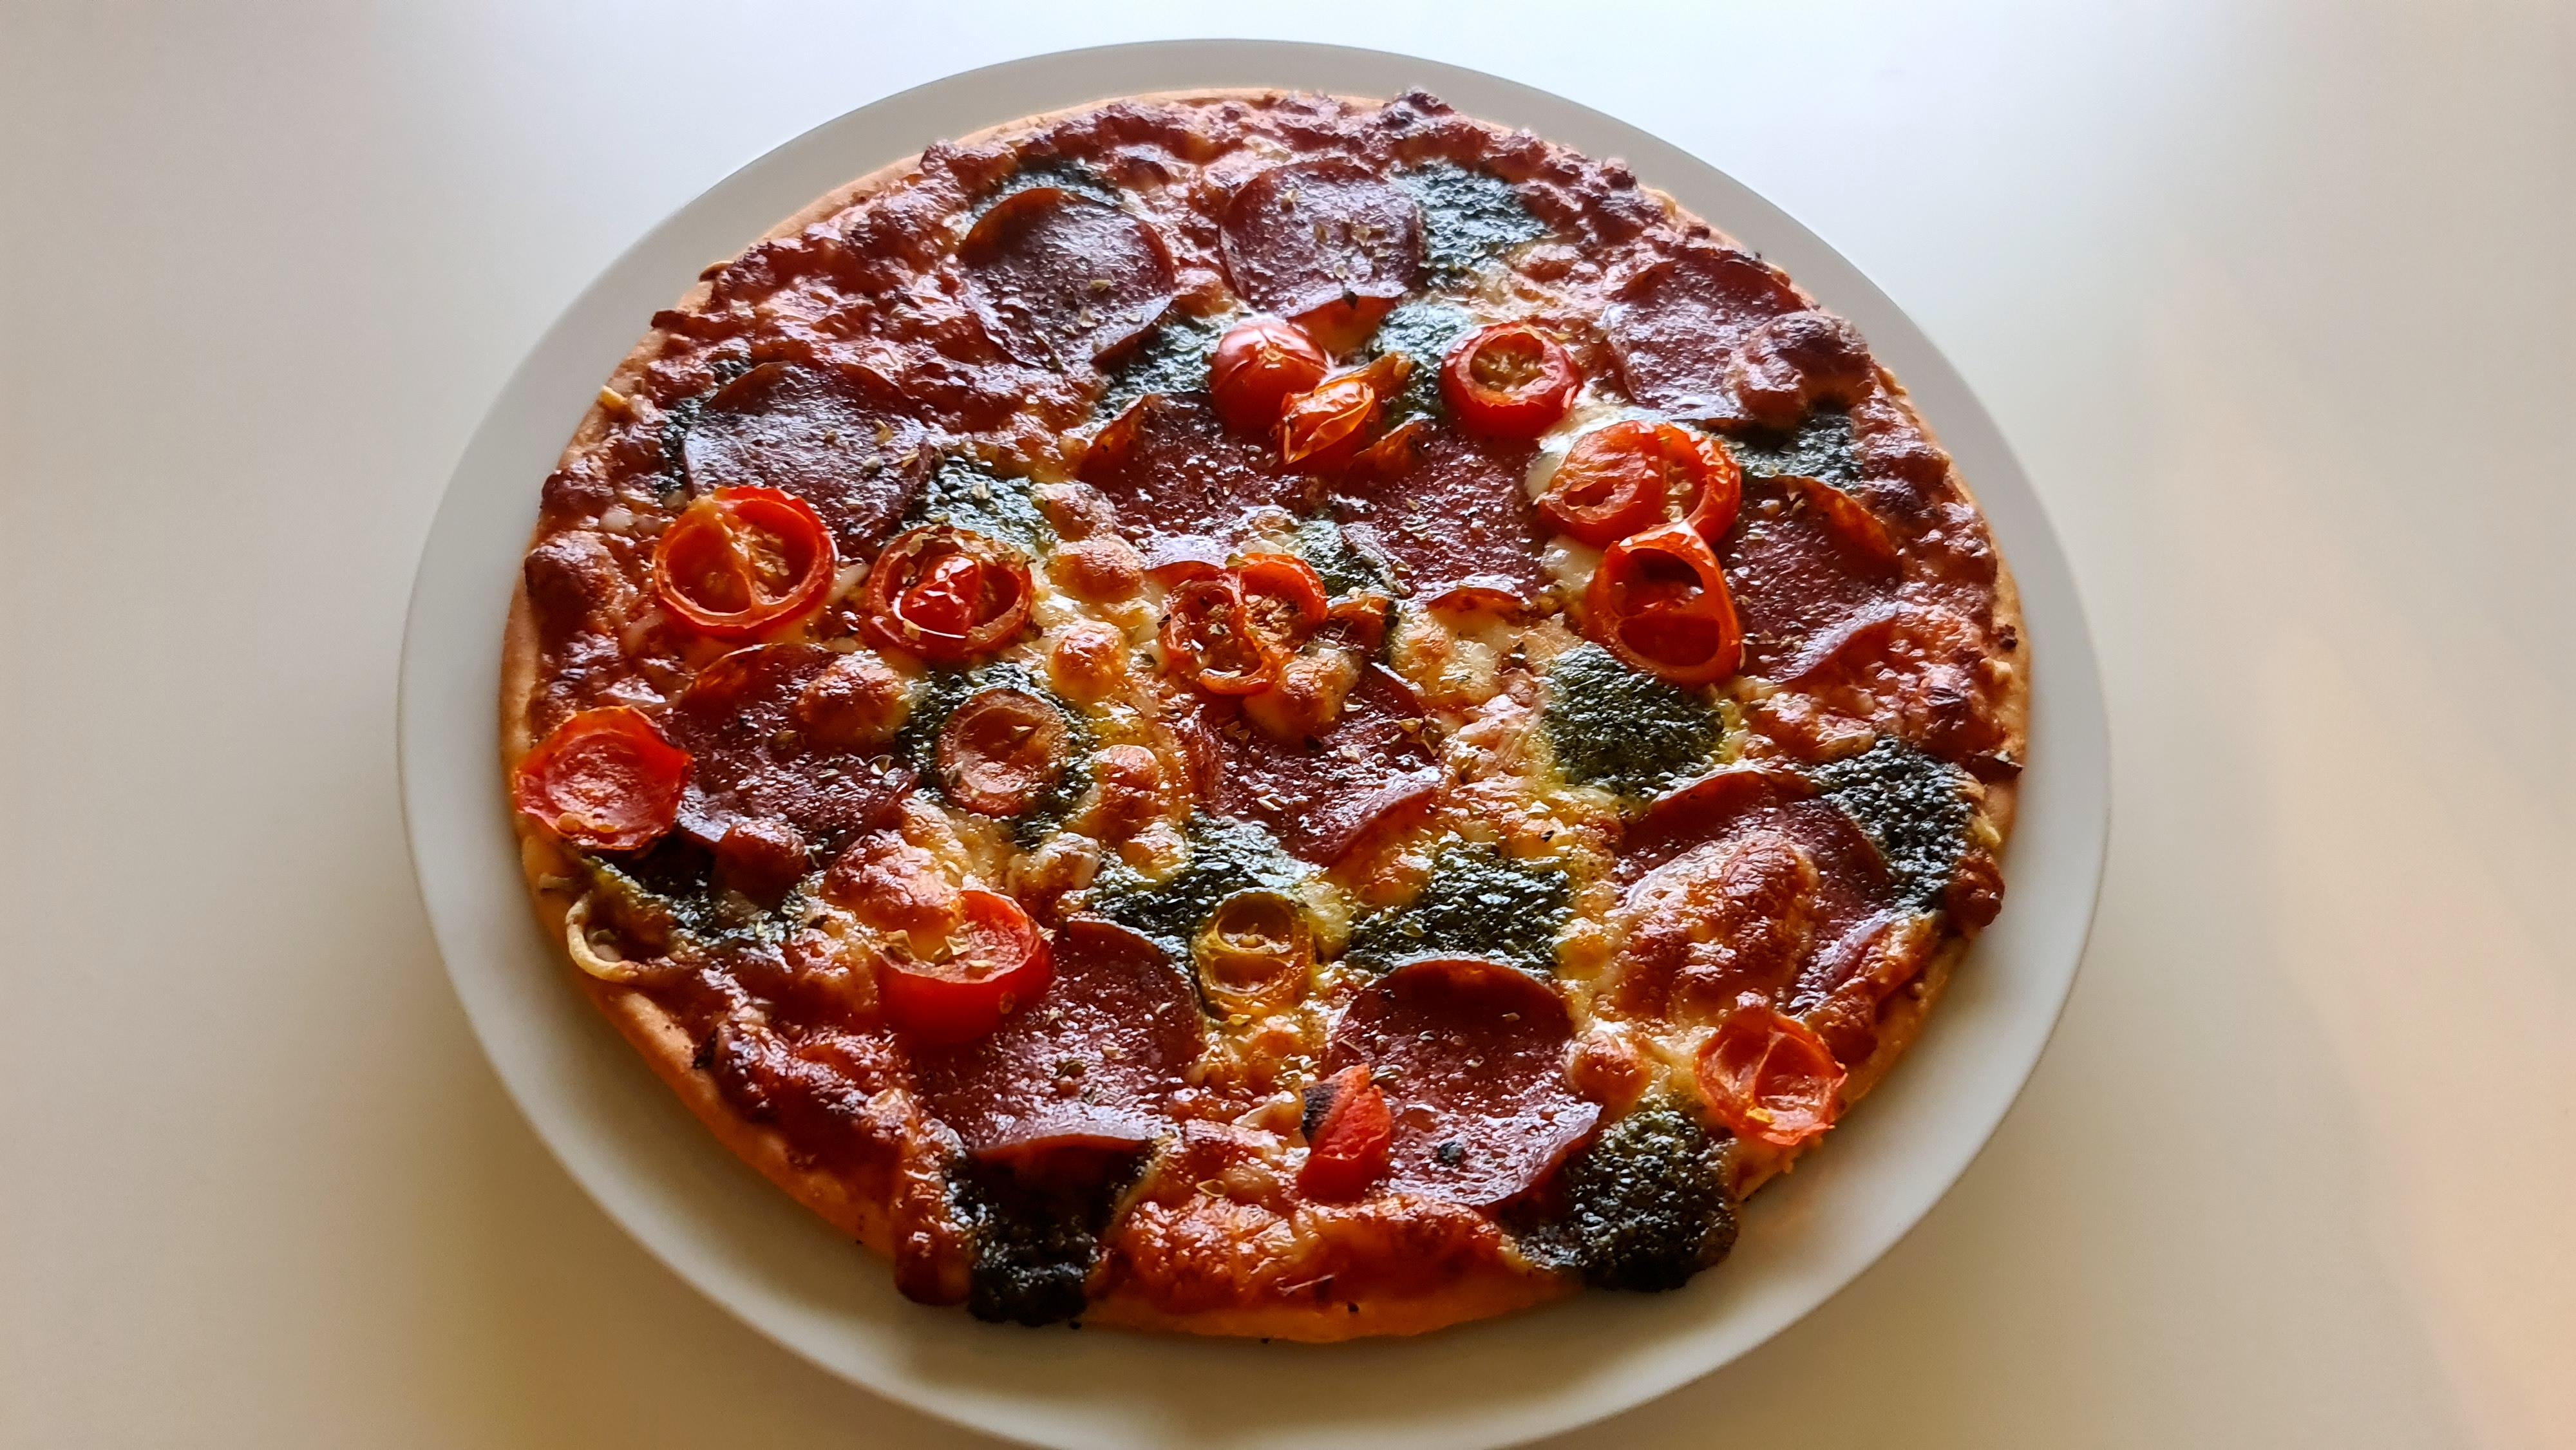 https://foodloader.net/Holz_2020-09-29_Pizza.jpg